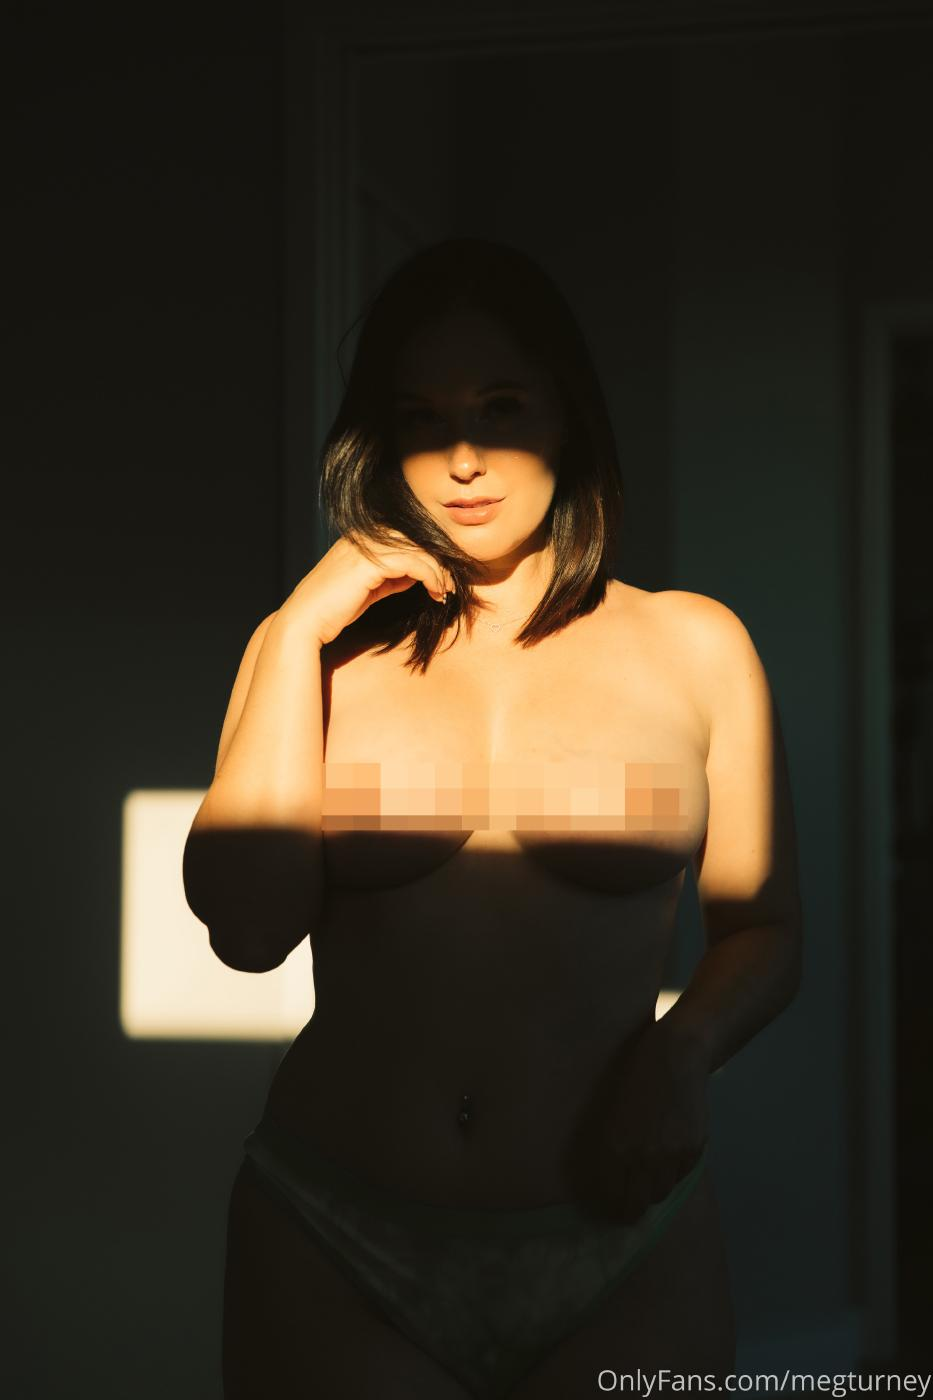 Meg Turney Nude Sunset Onlyfans Set Leaked Qrzlwg